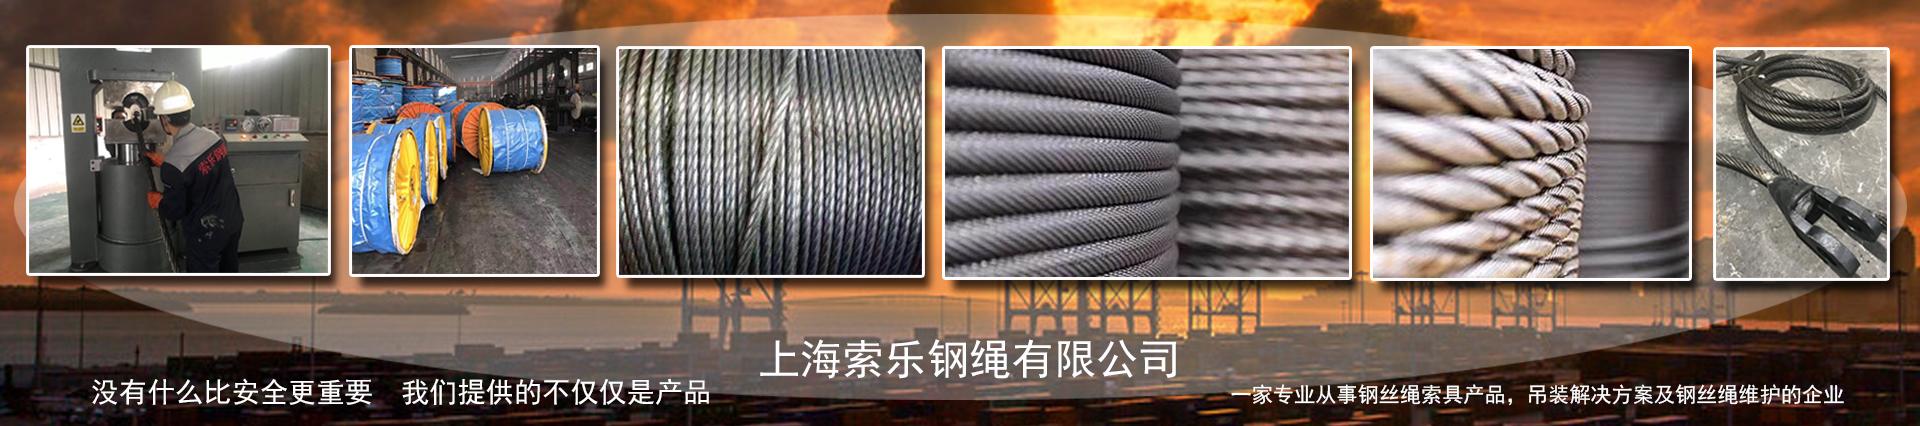 上海索乐钢绳有限公司